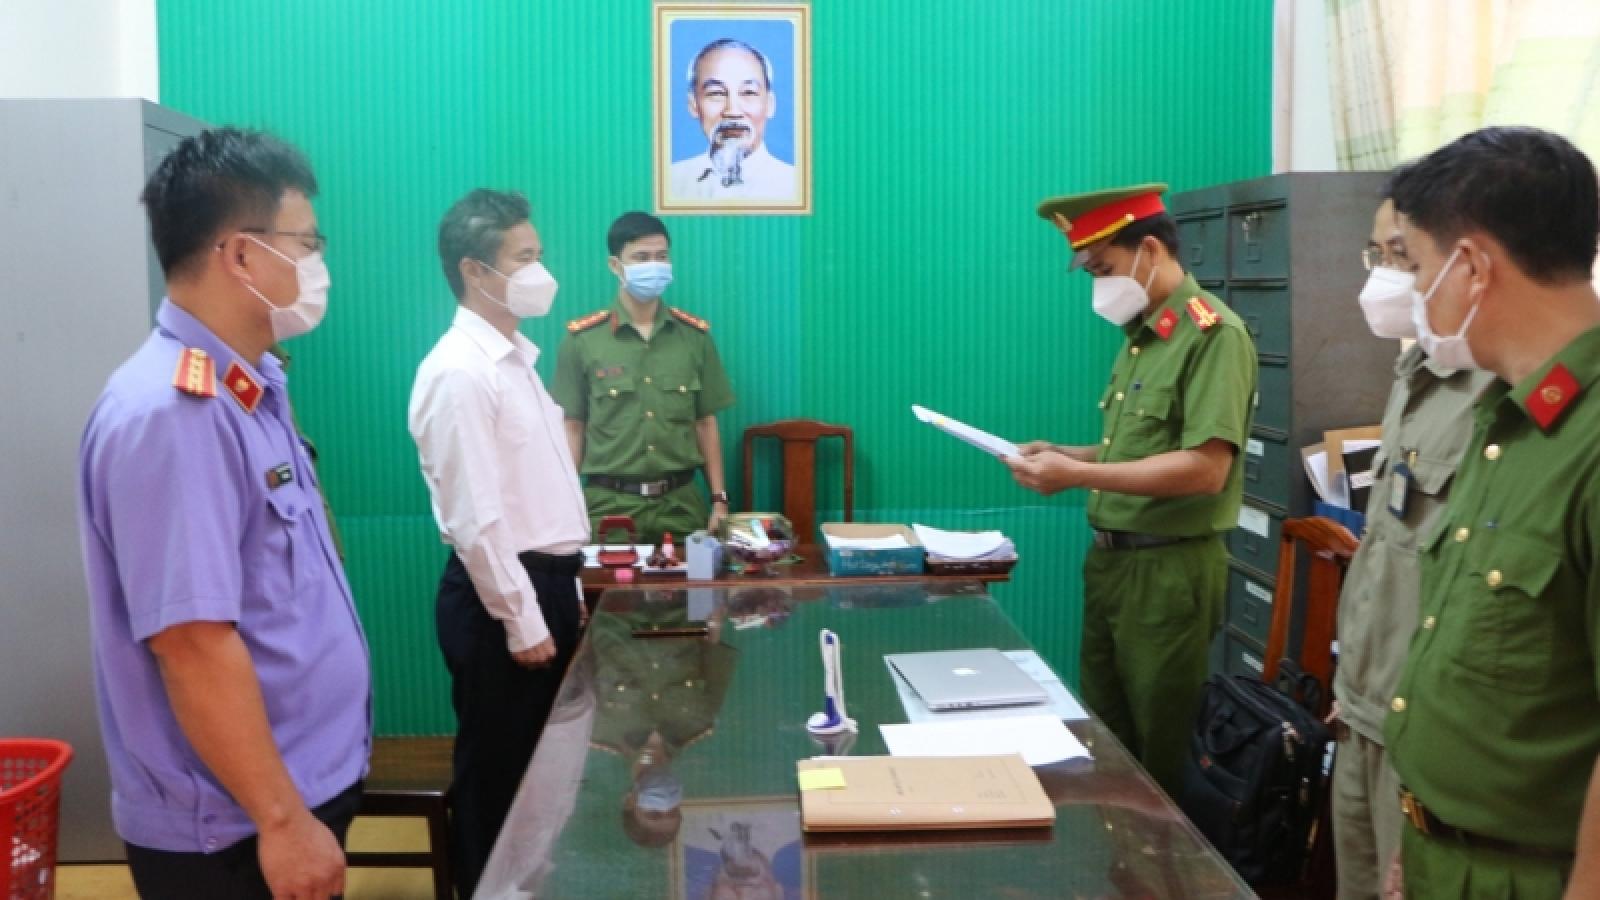 Bắt giám đốc, nguyên giám đốc Trung tâm giáo dục thường xuyên tỉnh Bình Phước